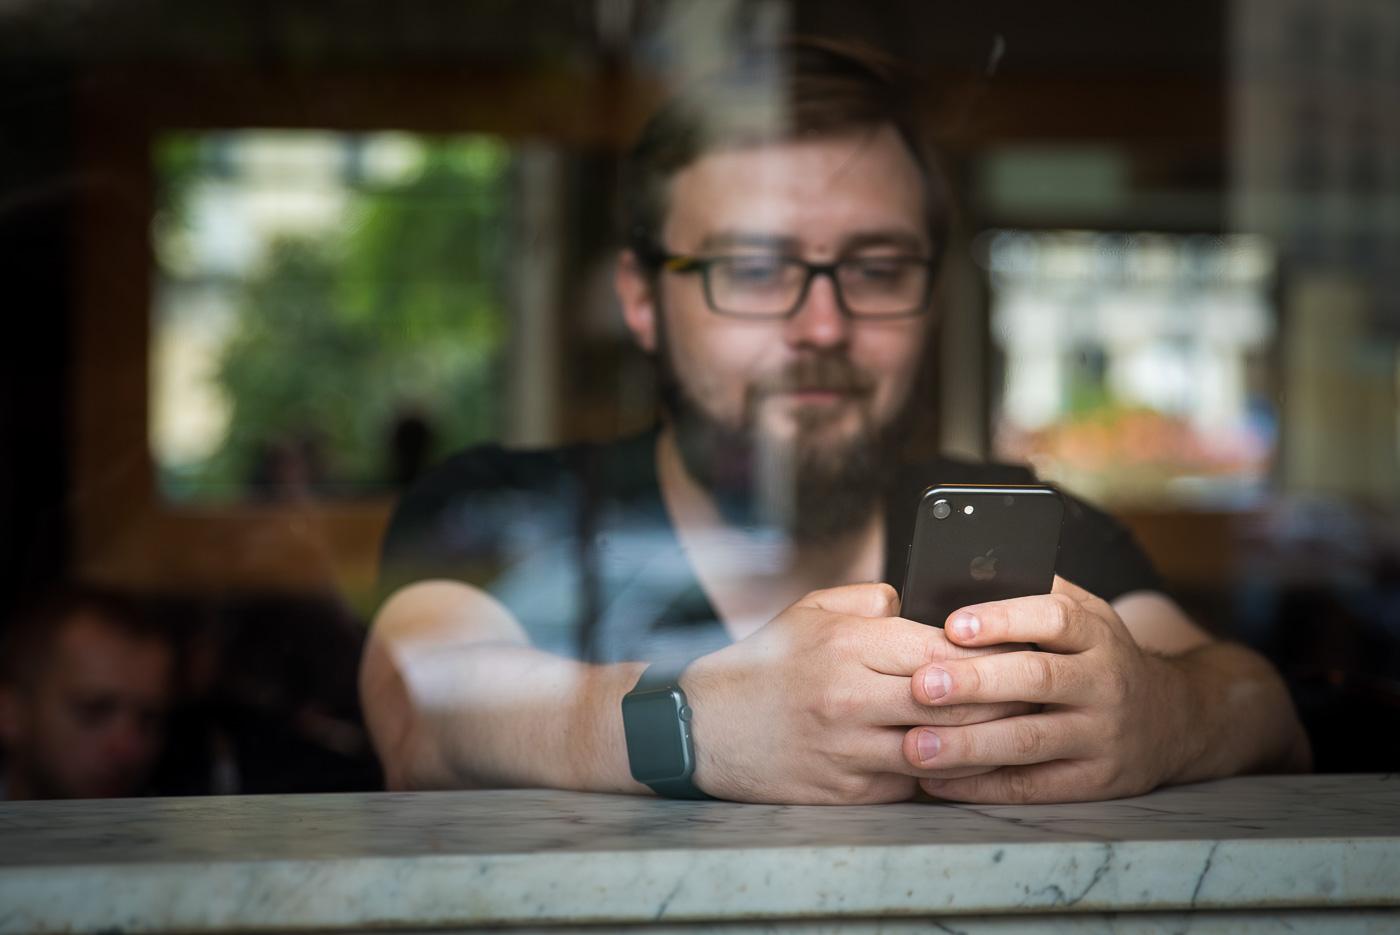 Nowa aplikacja Apple spodoba się (nie)tylko nastolatkom